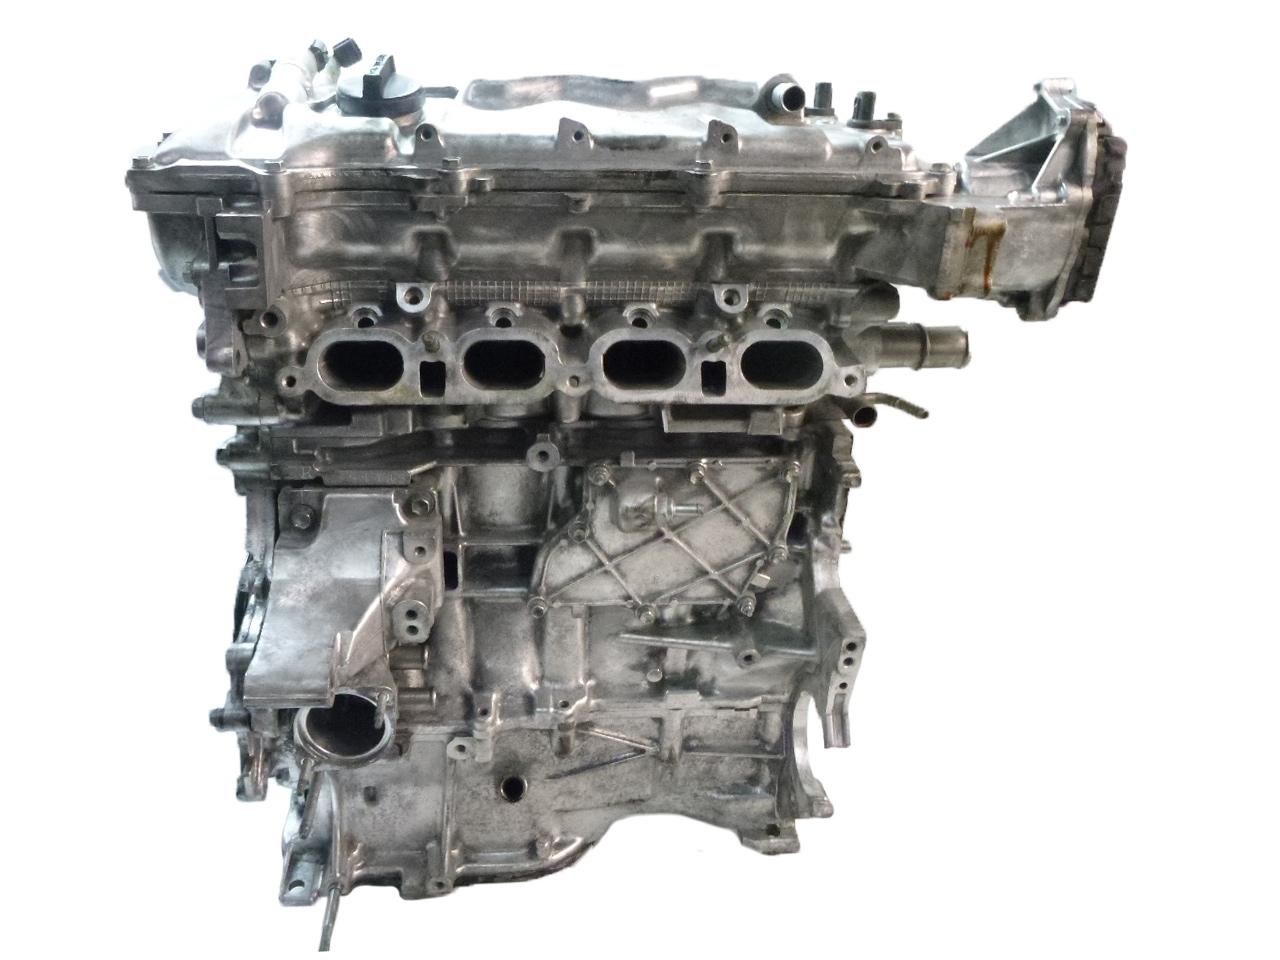 Motor Toyota Auris E15 1,6 Benzin 1ZR-FE